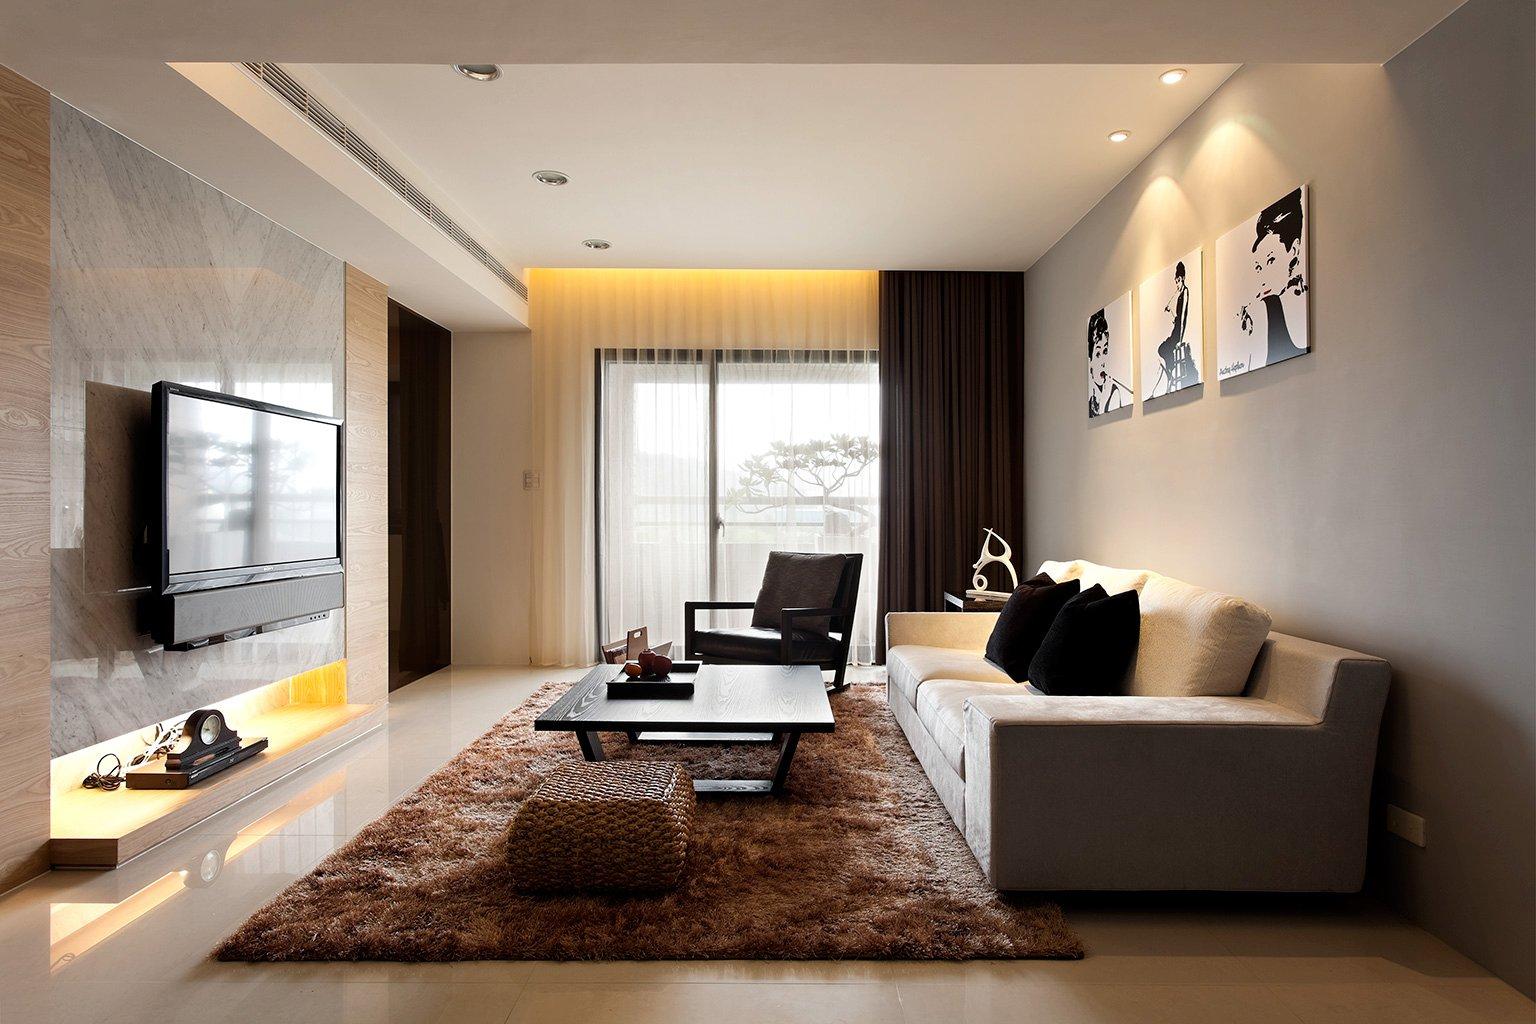 modern decor living room 22.7kshares DFPWVYM